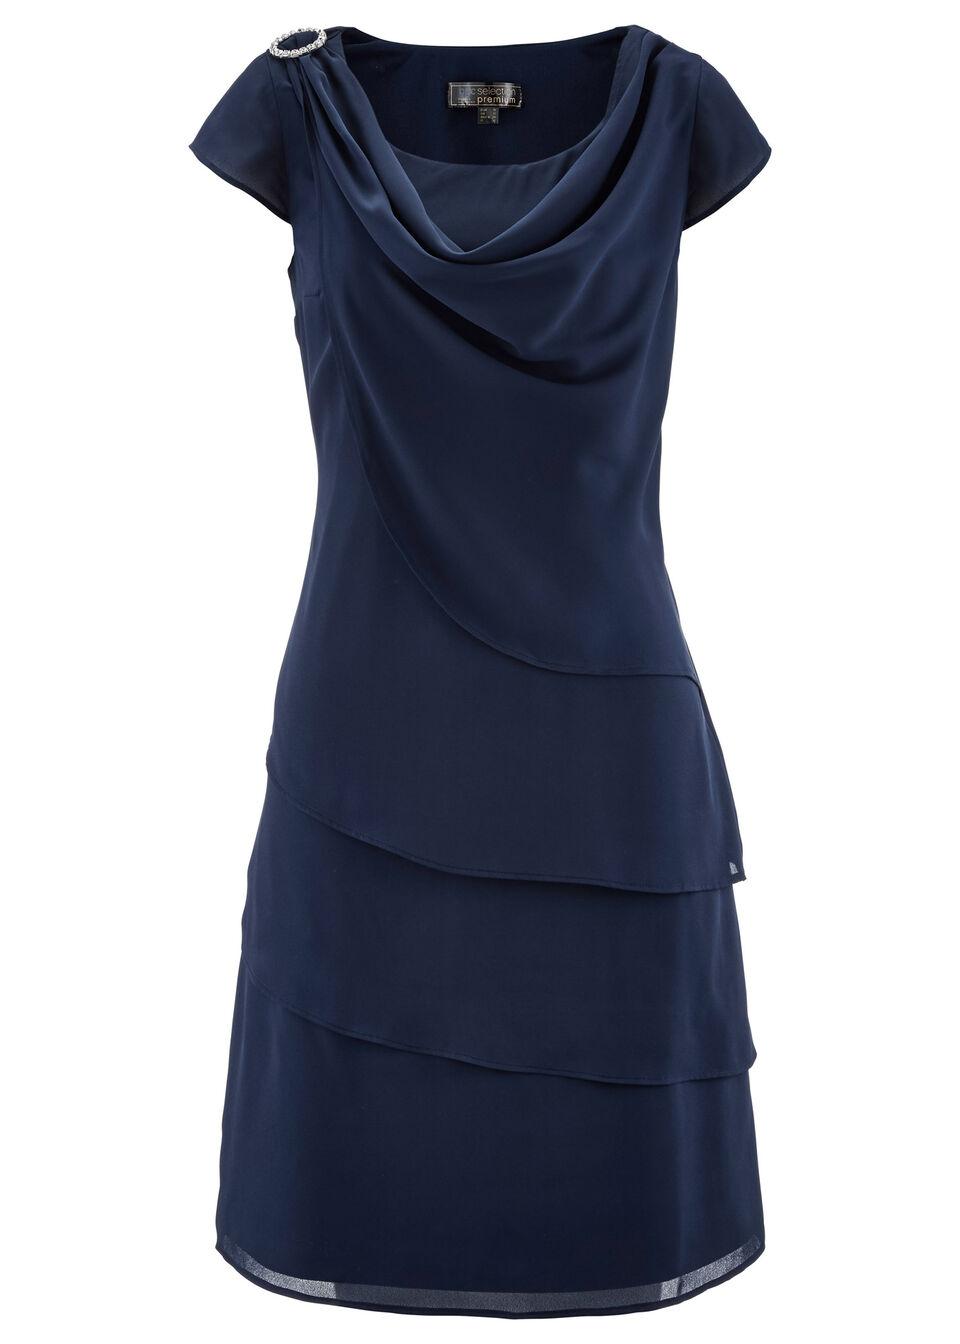 72cc39eca0 Sifon ruha réteges hatással sötétkék • 11999.0 Ft • bonprix